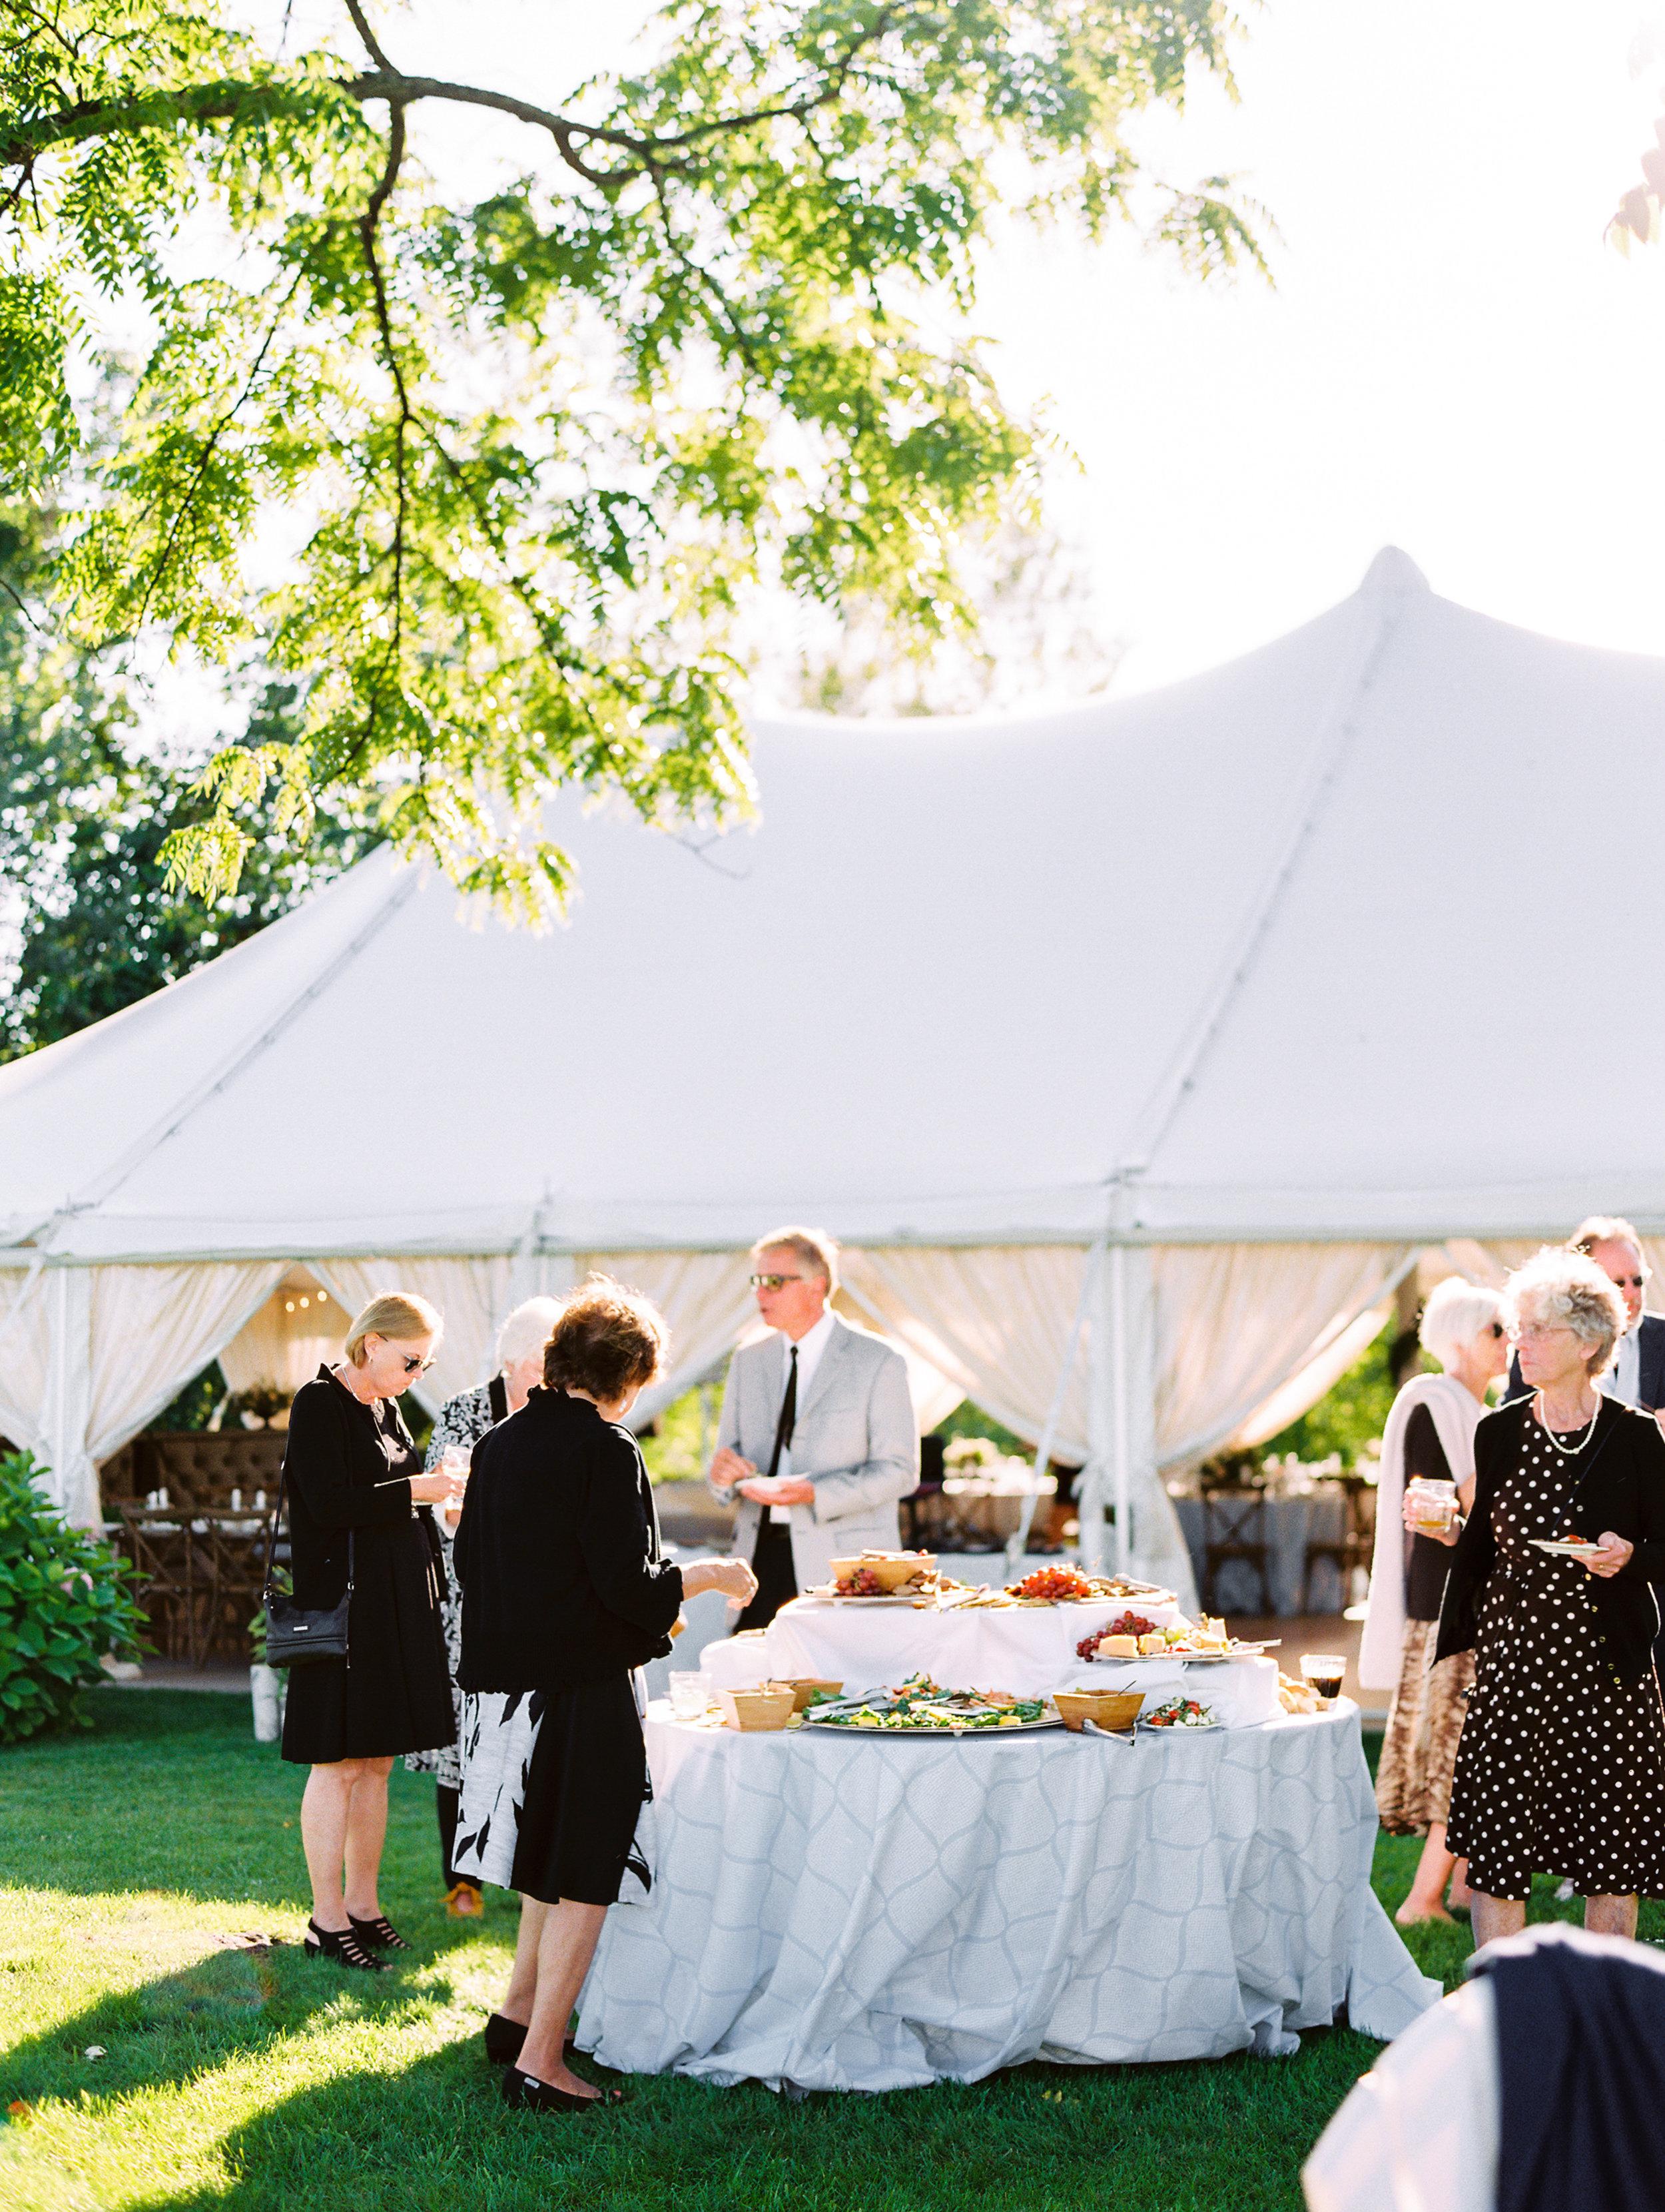 Steinlage+Wedding+Cocktail+Hour-92.jpg